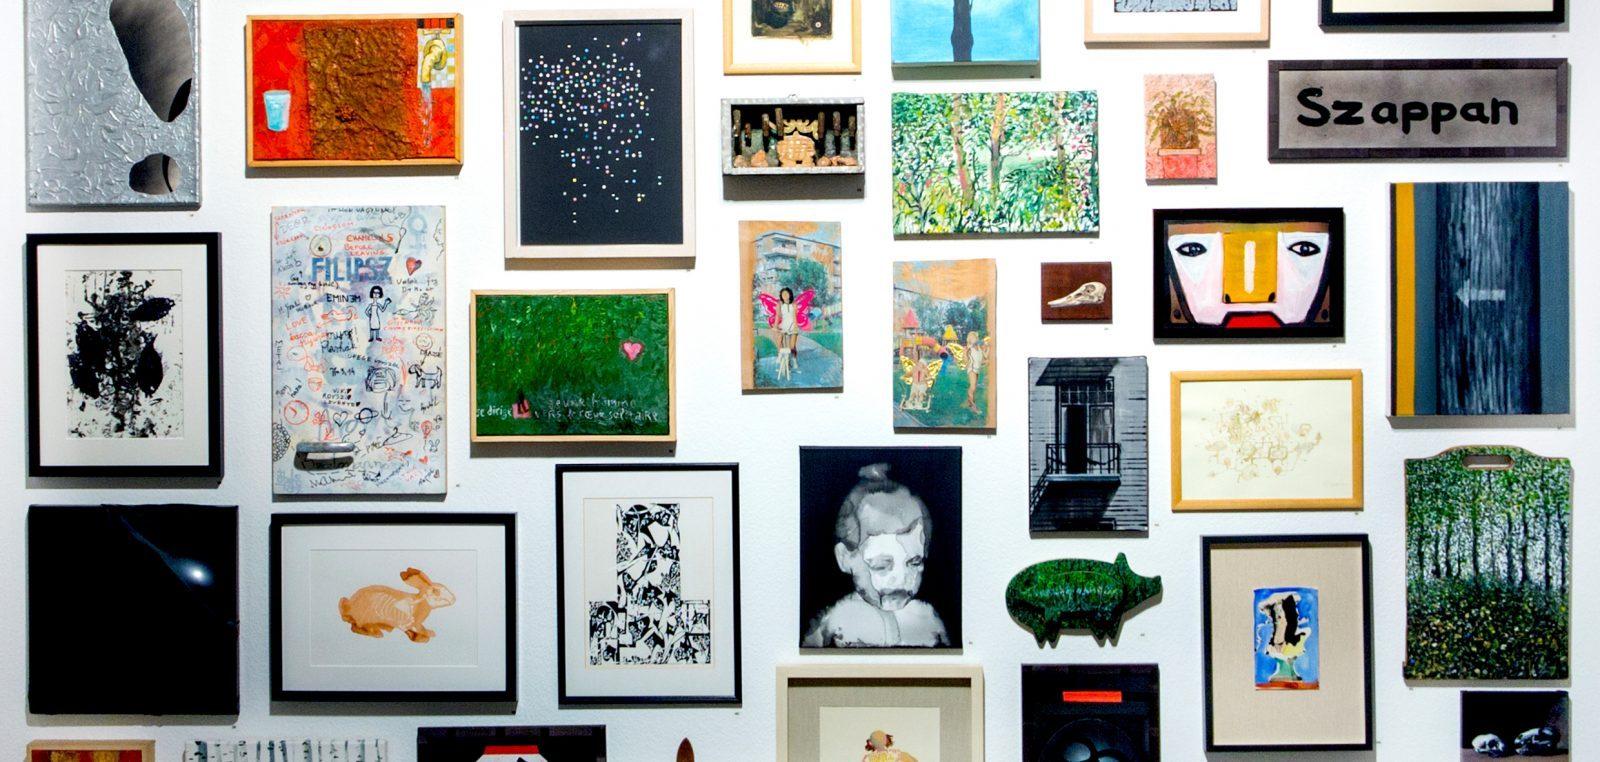 A legkisebbek_kiállítás a kabinetben